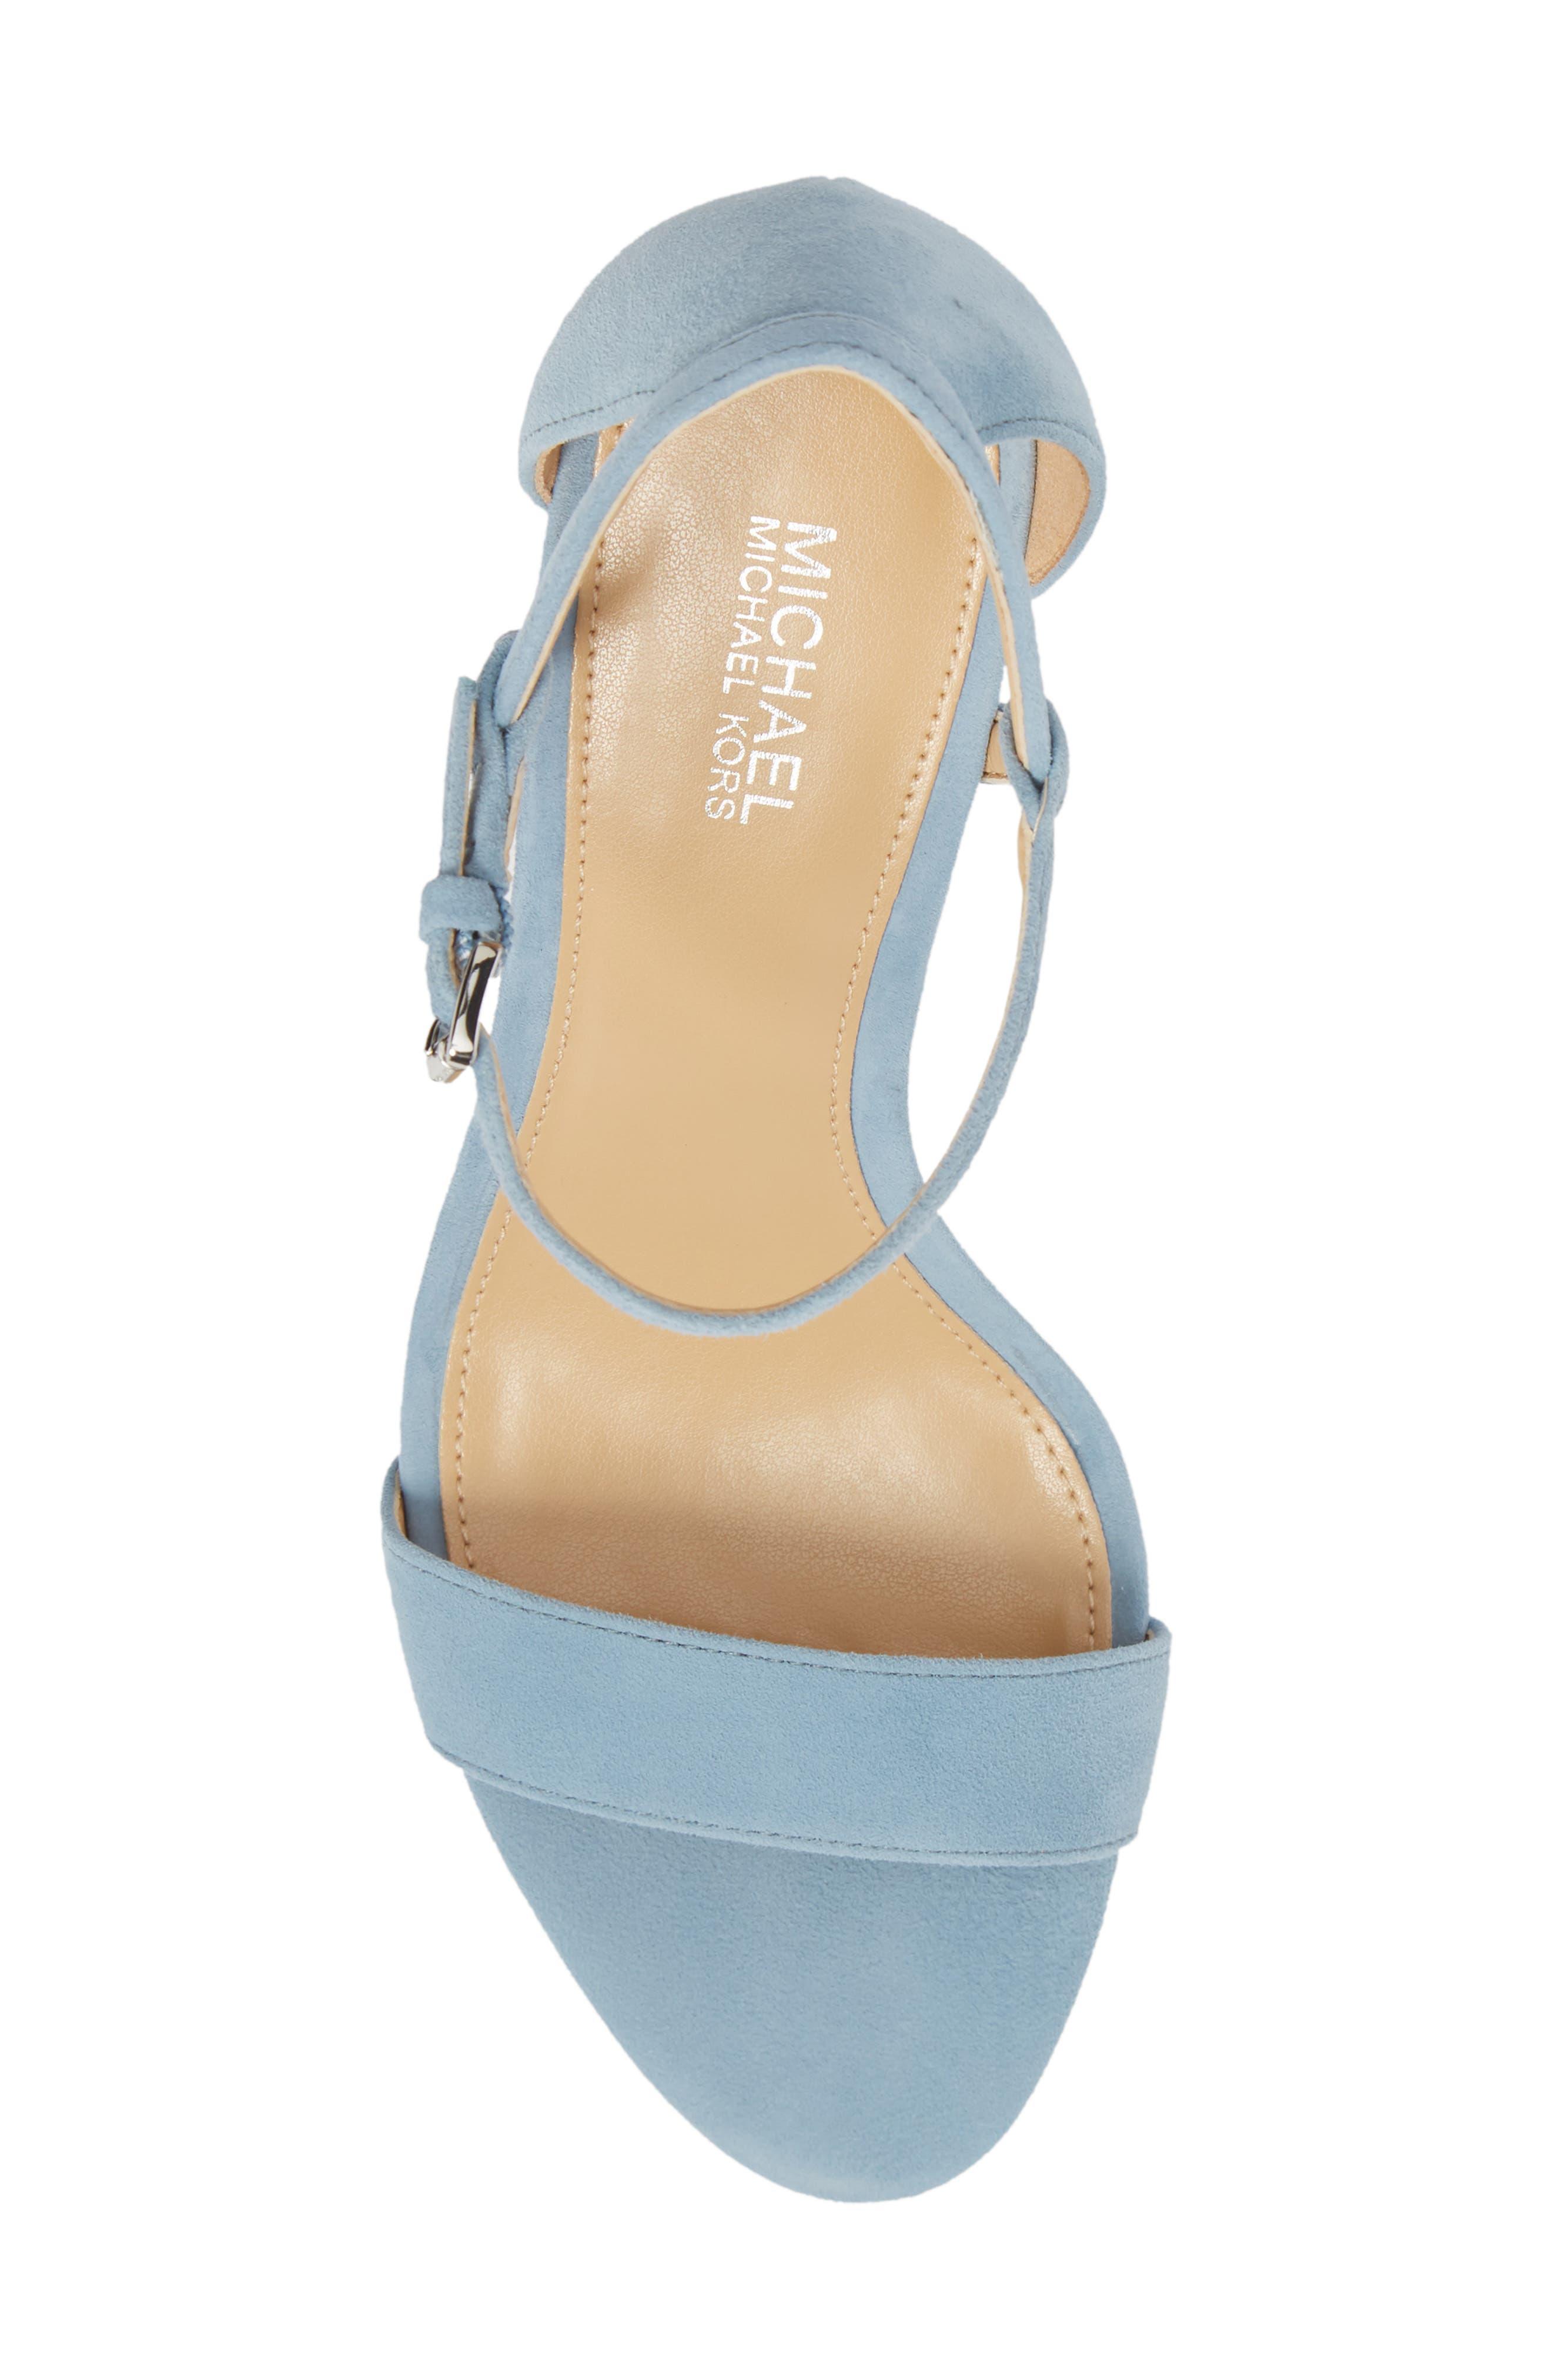 'Simone' Sandal,                             Alternate thumbnail 5, color,                             Powder Blue Suede